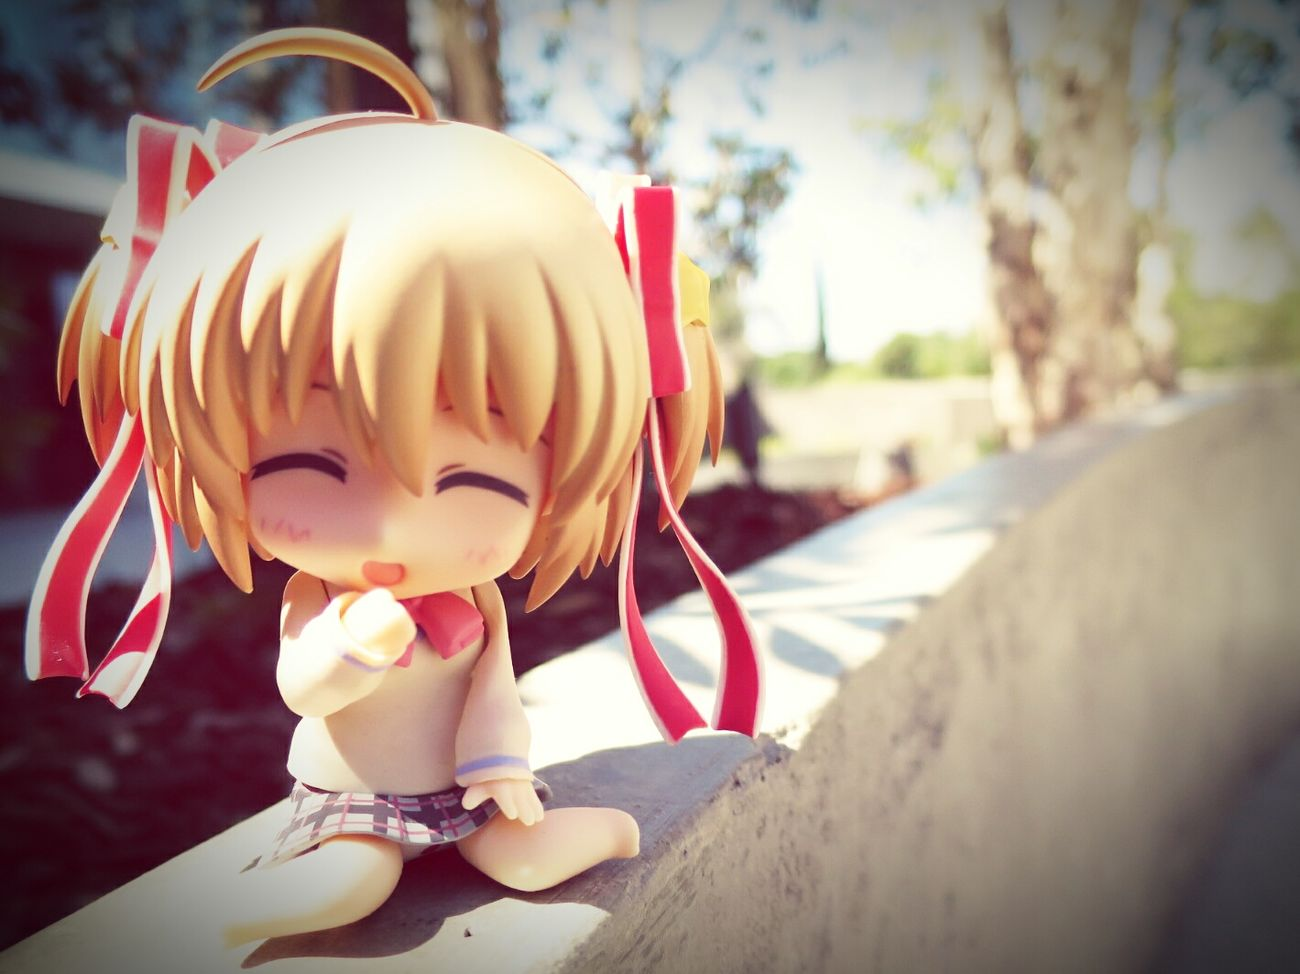 Animefigure Figurephotography Toyphotography Goodsmilecompany Nendophotography Nendoroid